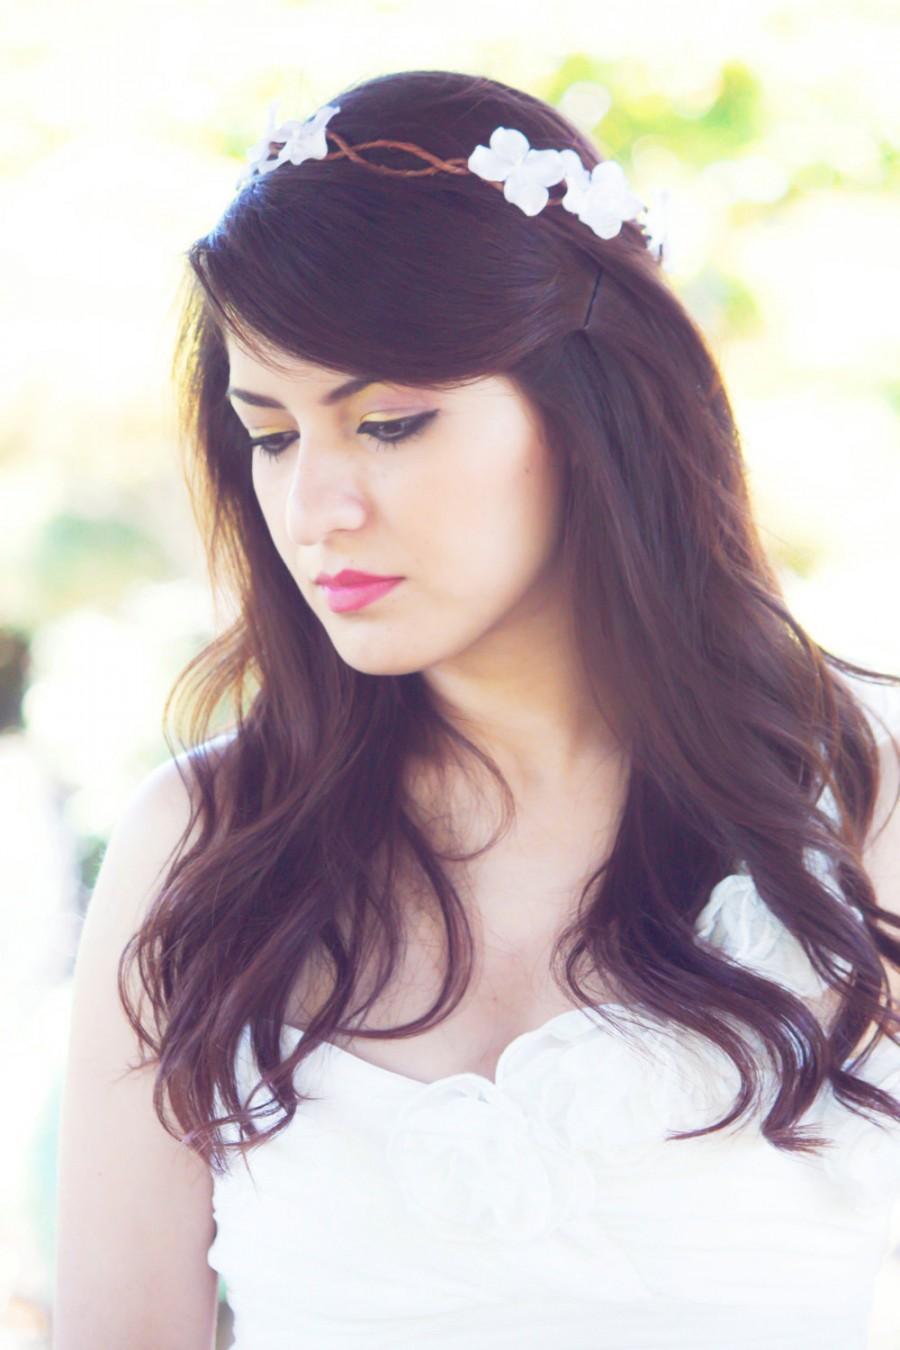 Свадьба - Bridal Crown, Bridal Headpiece, White Flower Crown, White Hydrangea Blossom, White Flowers, Woven Vine Circlet